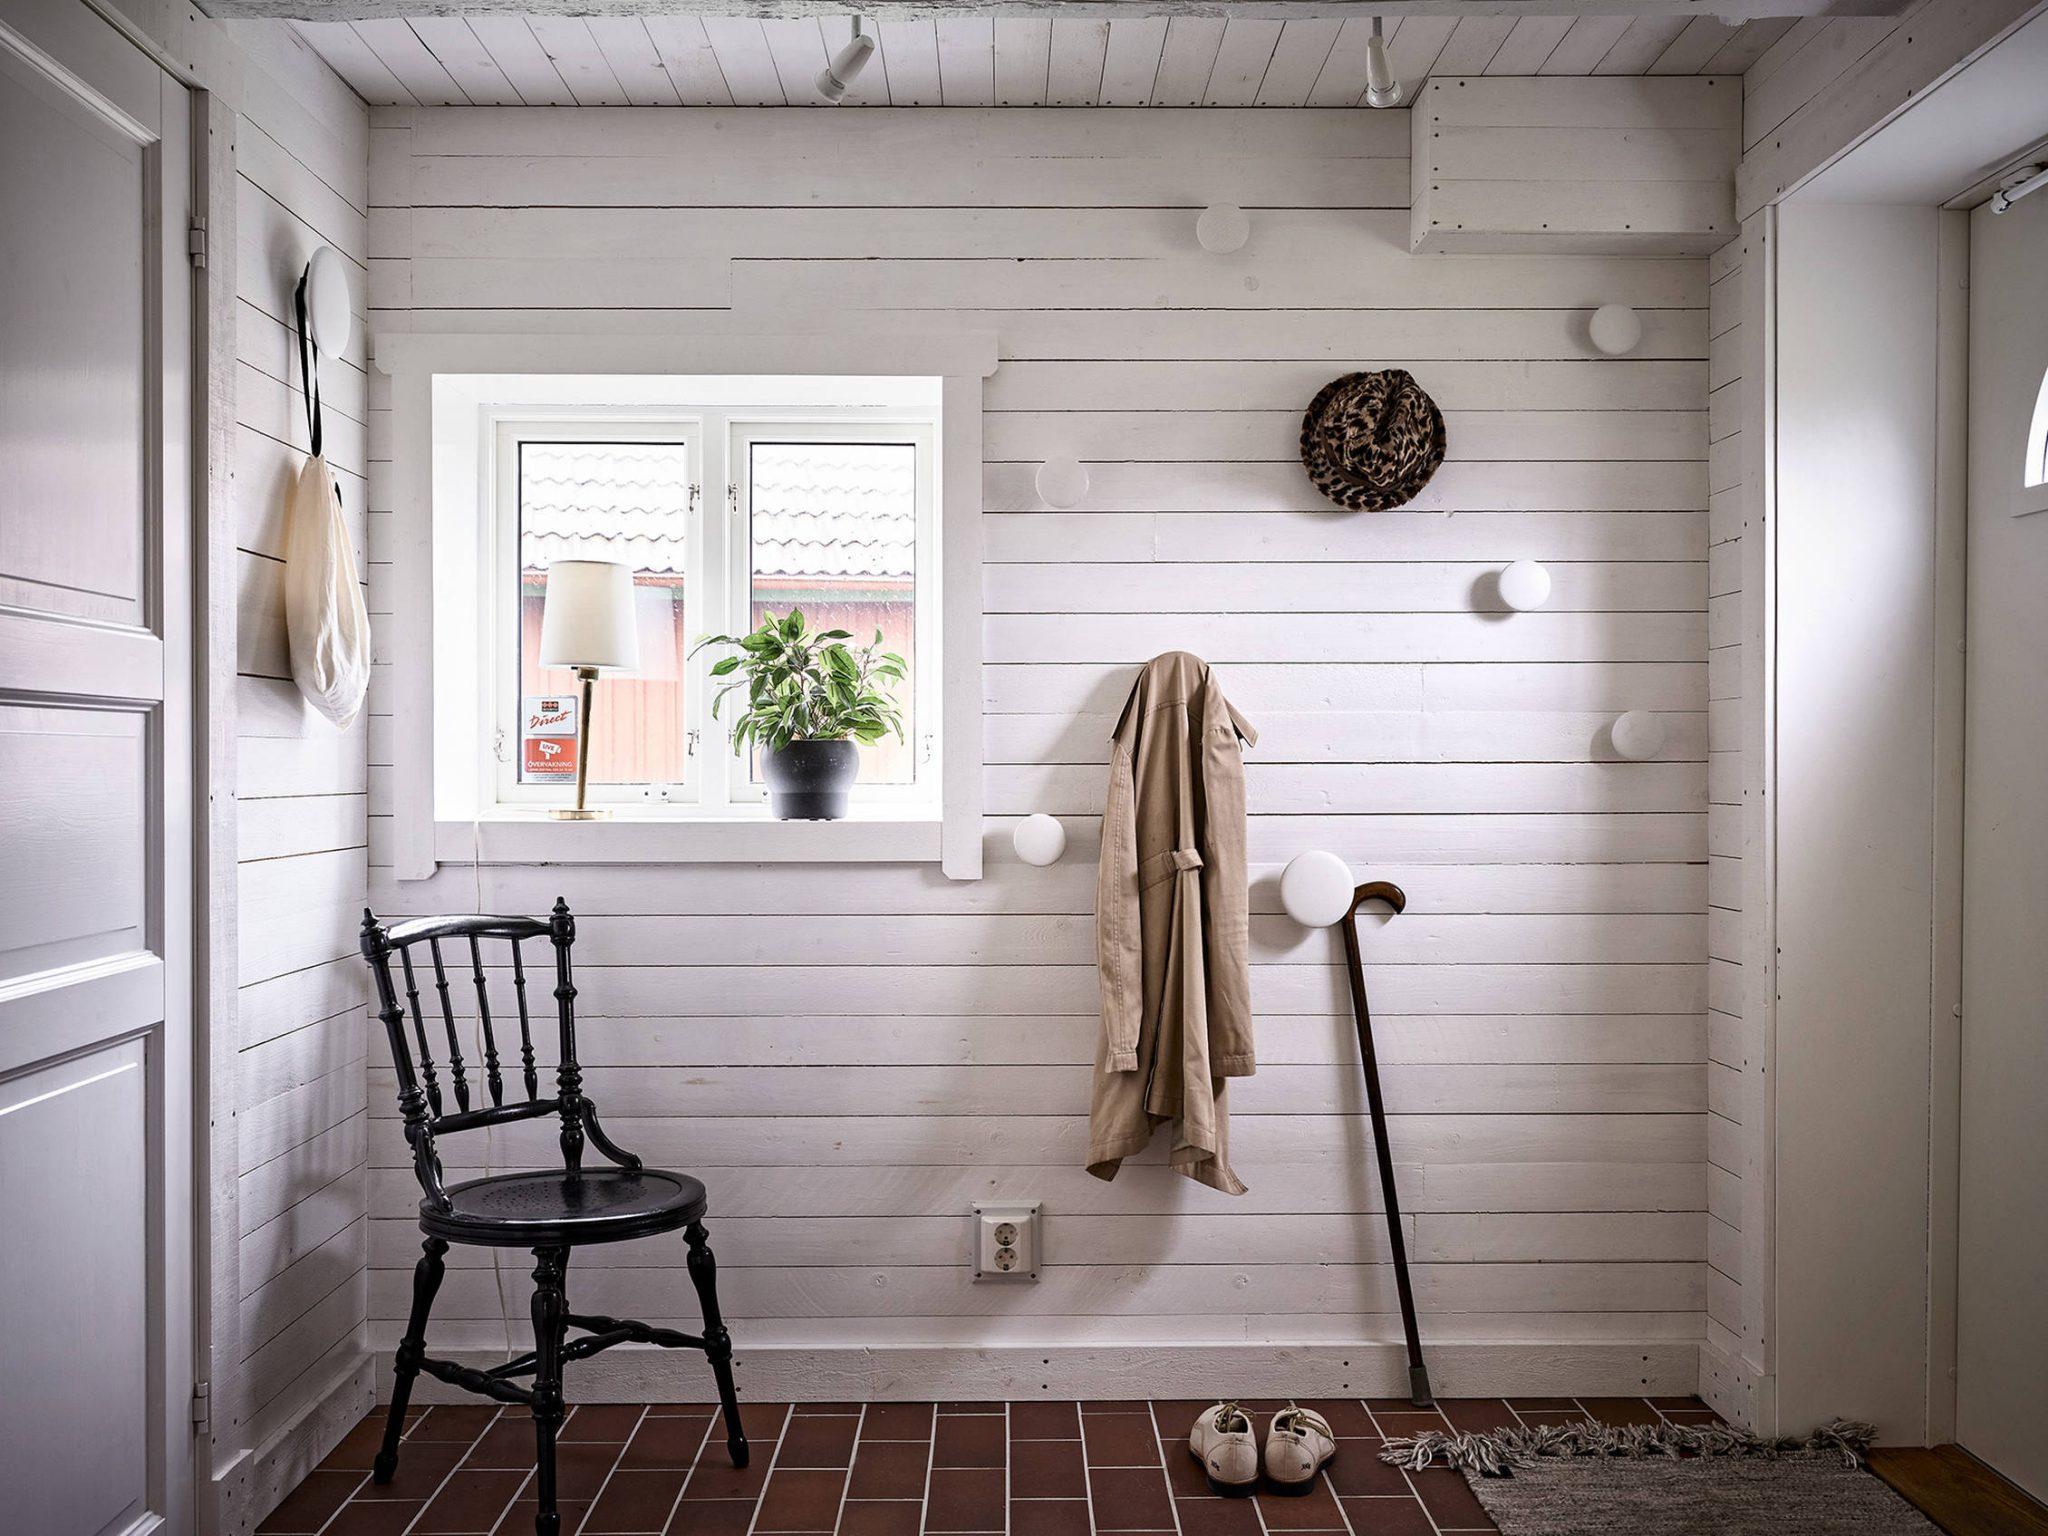 Tavan înclinat și decor rusti scandinav într o casă din Suedia 18